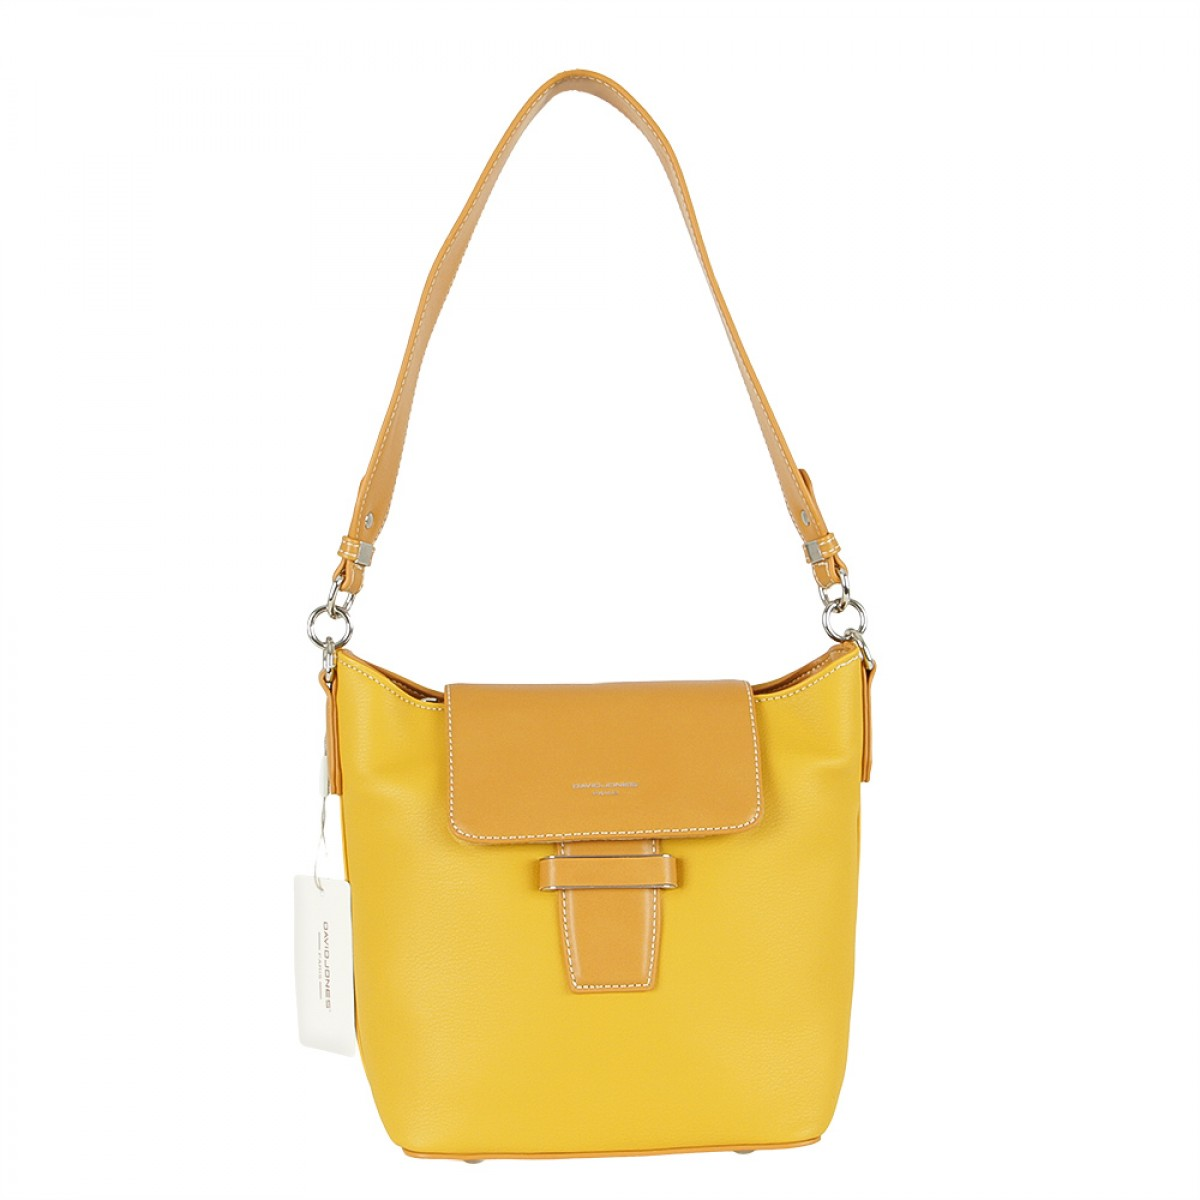 Жіноча сумка David Jones 6211-2 YELLOW